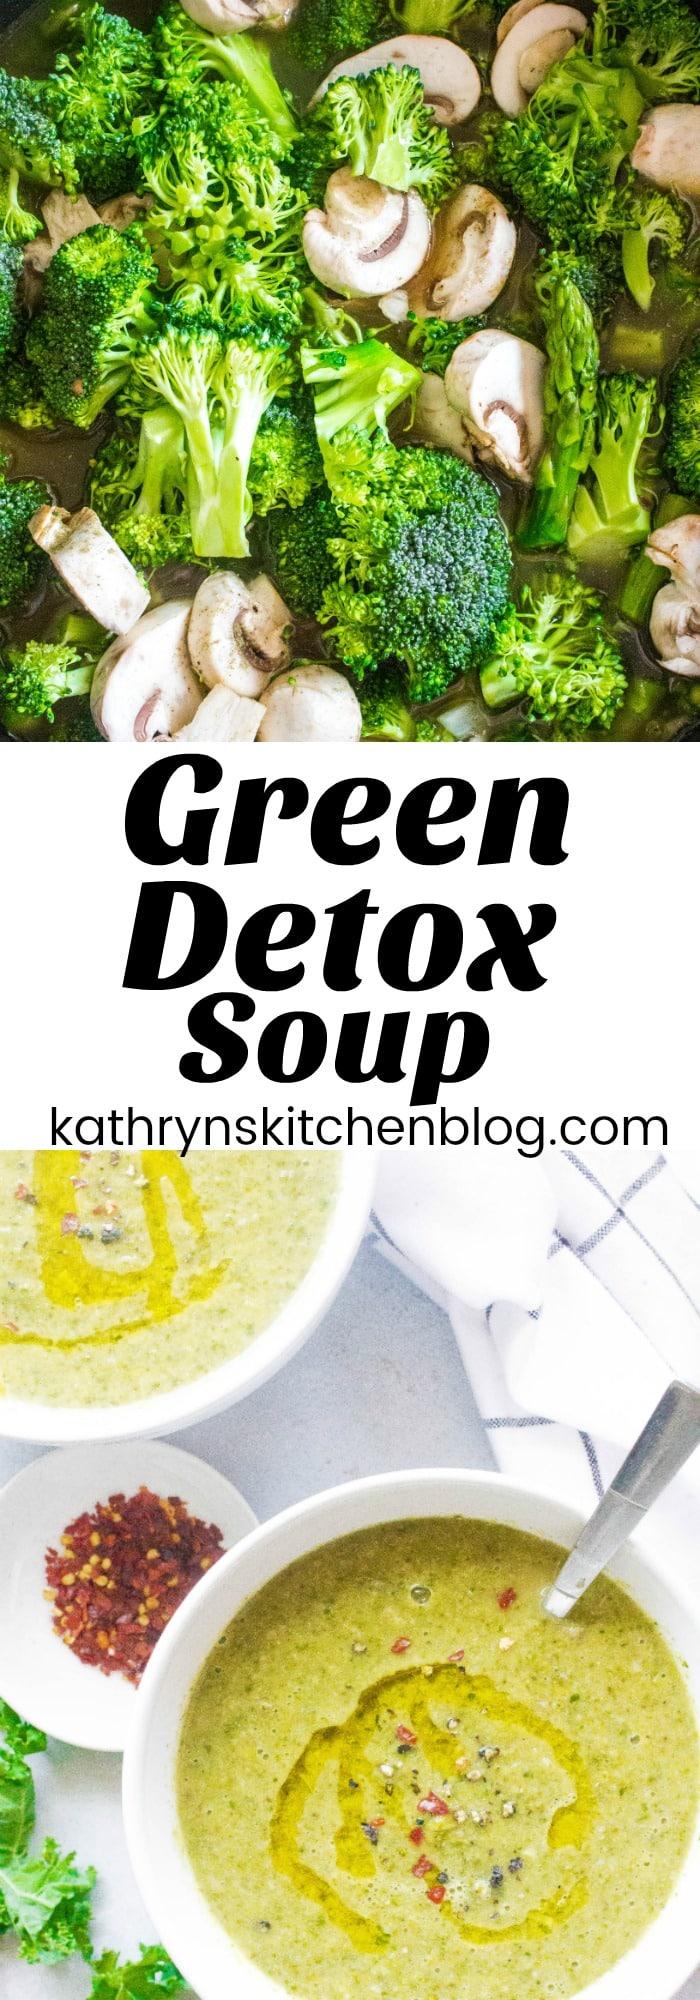 Green Detox Soup 3